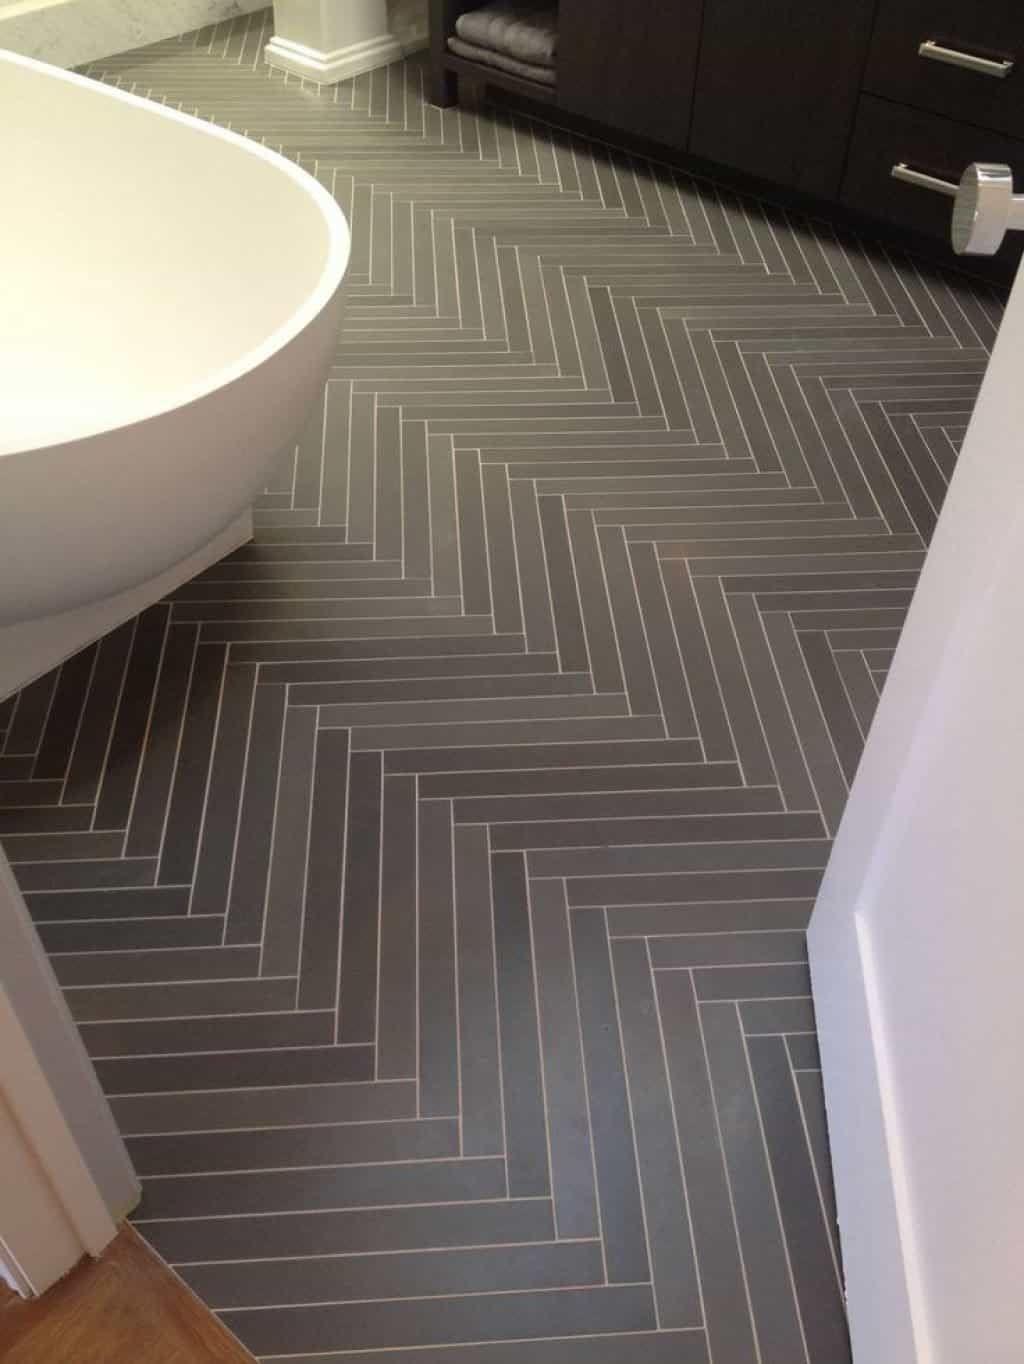 Durable Slate Interior Flooring In 2020 Herringbone Tile Floors Slate Interior Herringbone Tile